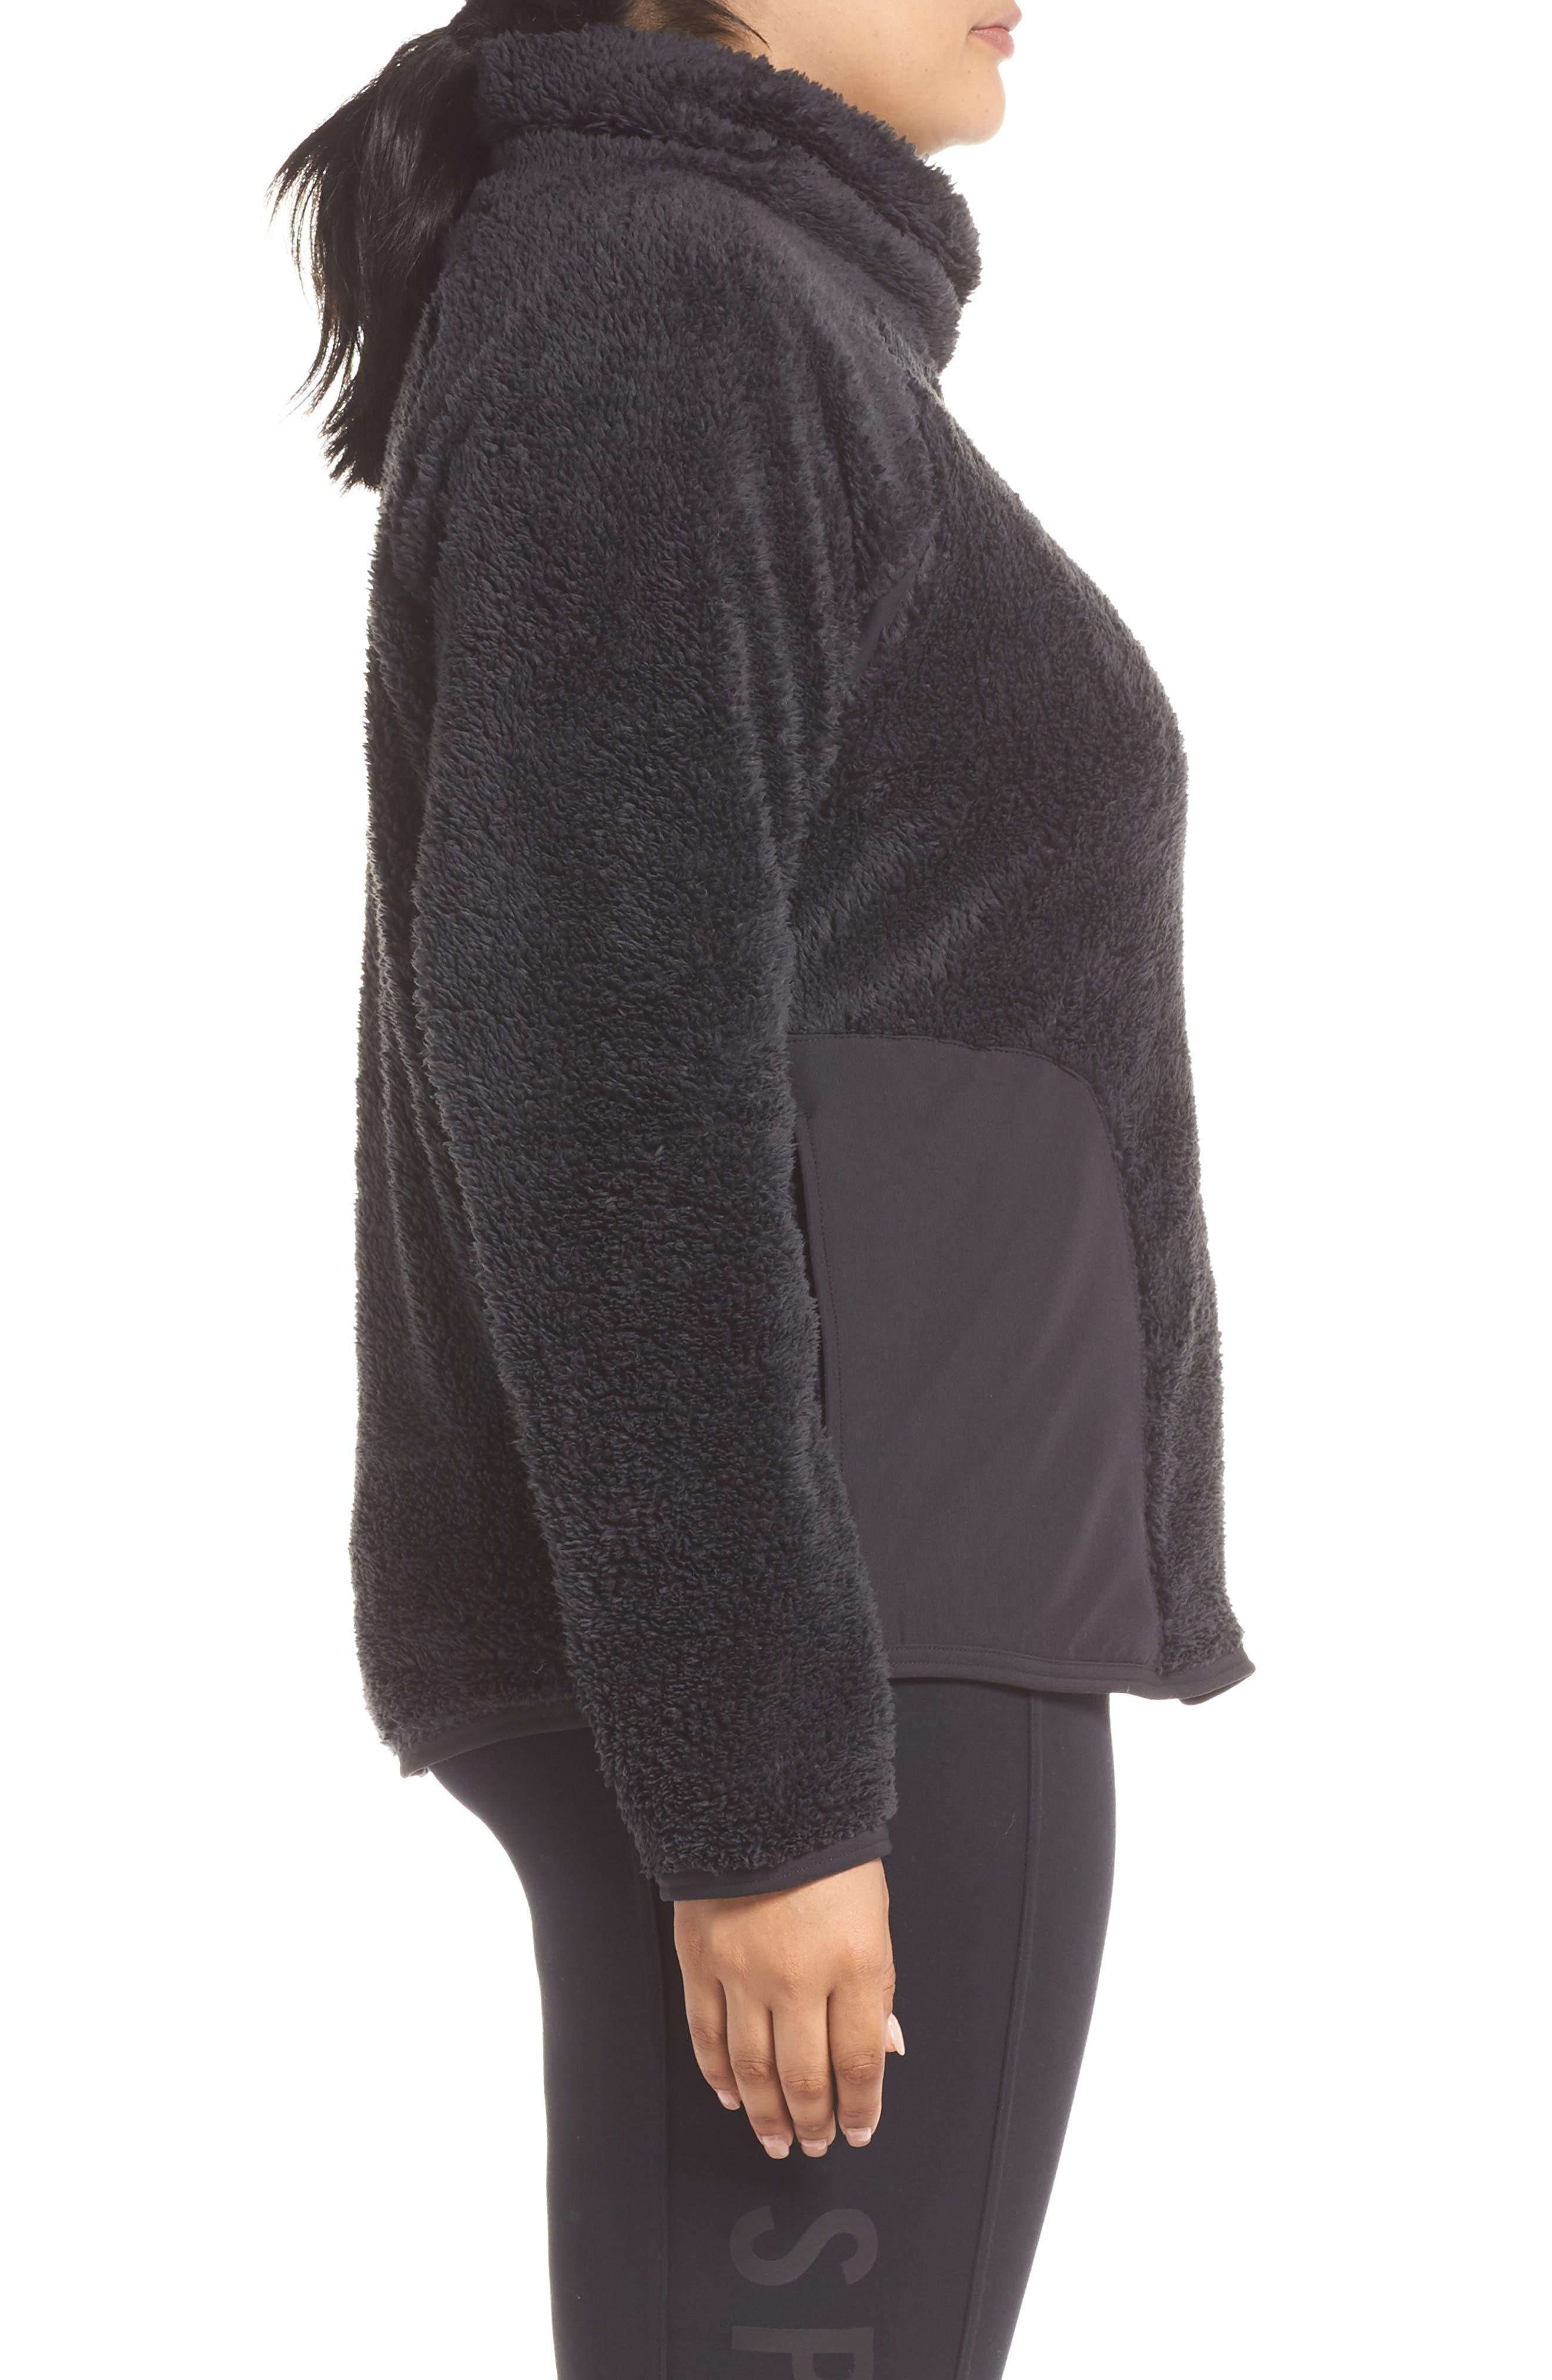 NIKE,                             Faux Shearling Pullover,                             Alternate thumbnail 4, color,                             BLACK/ BLACK